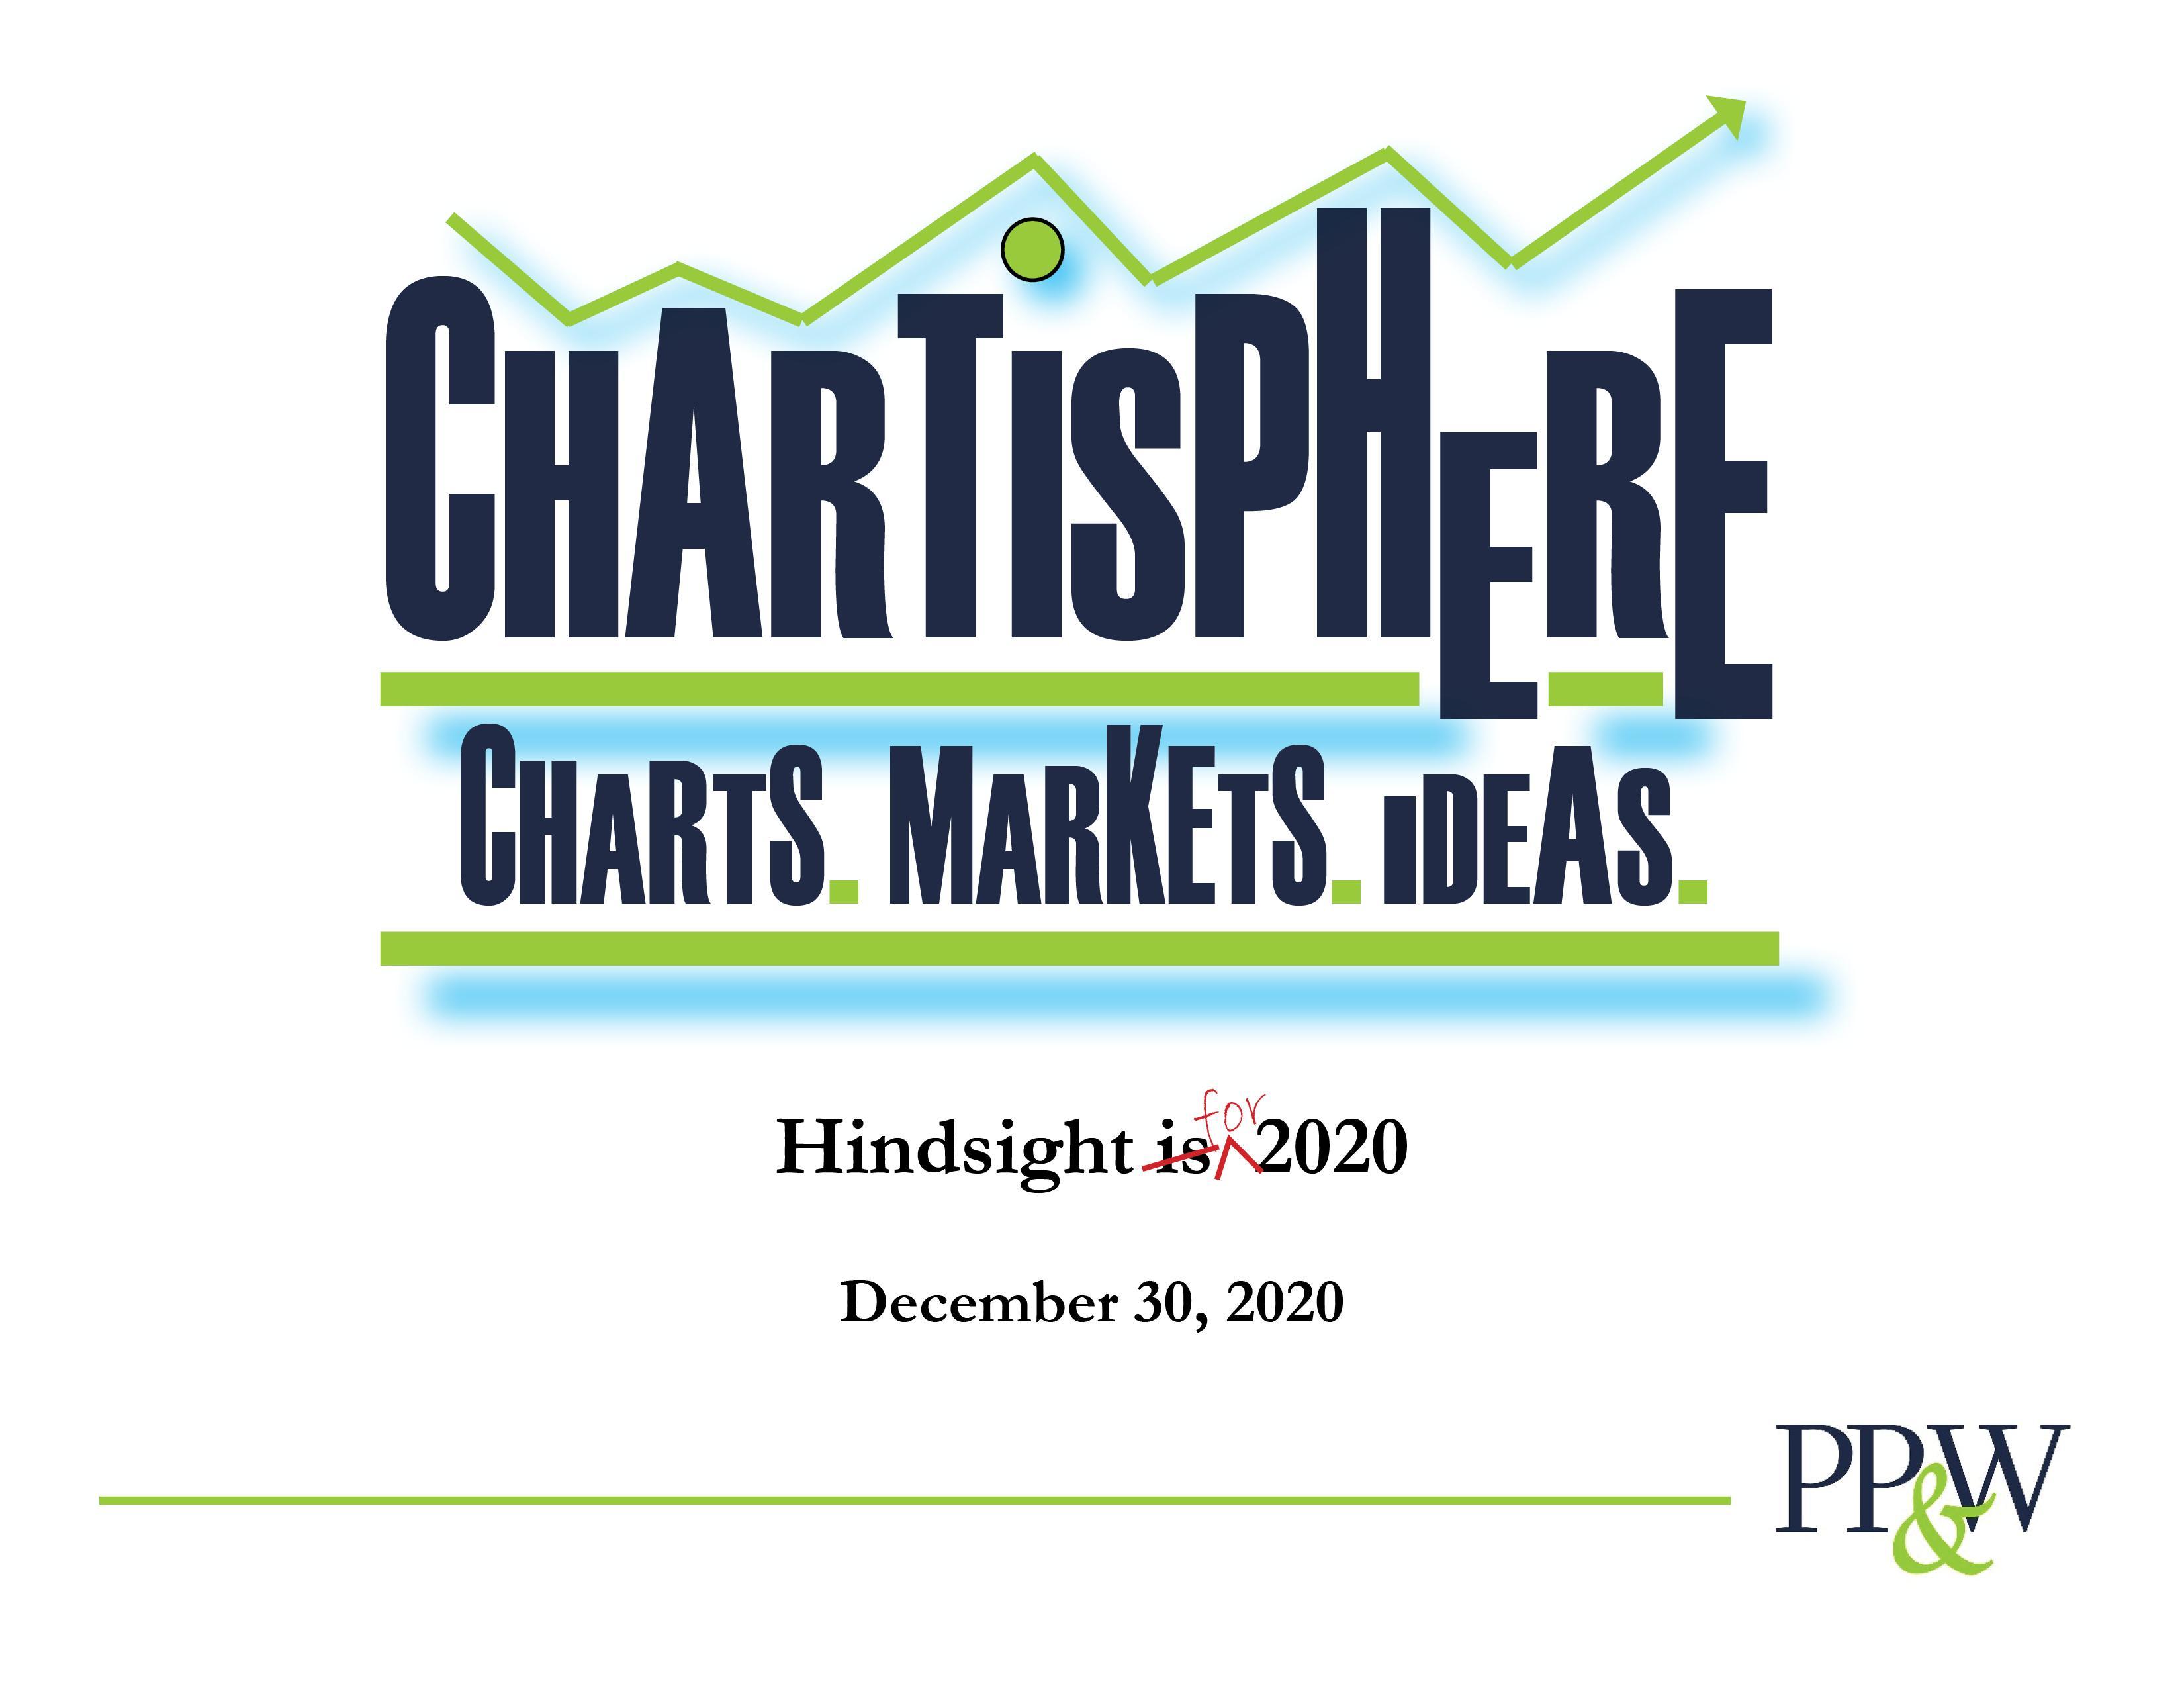 Hindsight 2020 Thumbnail